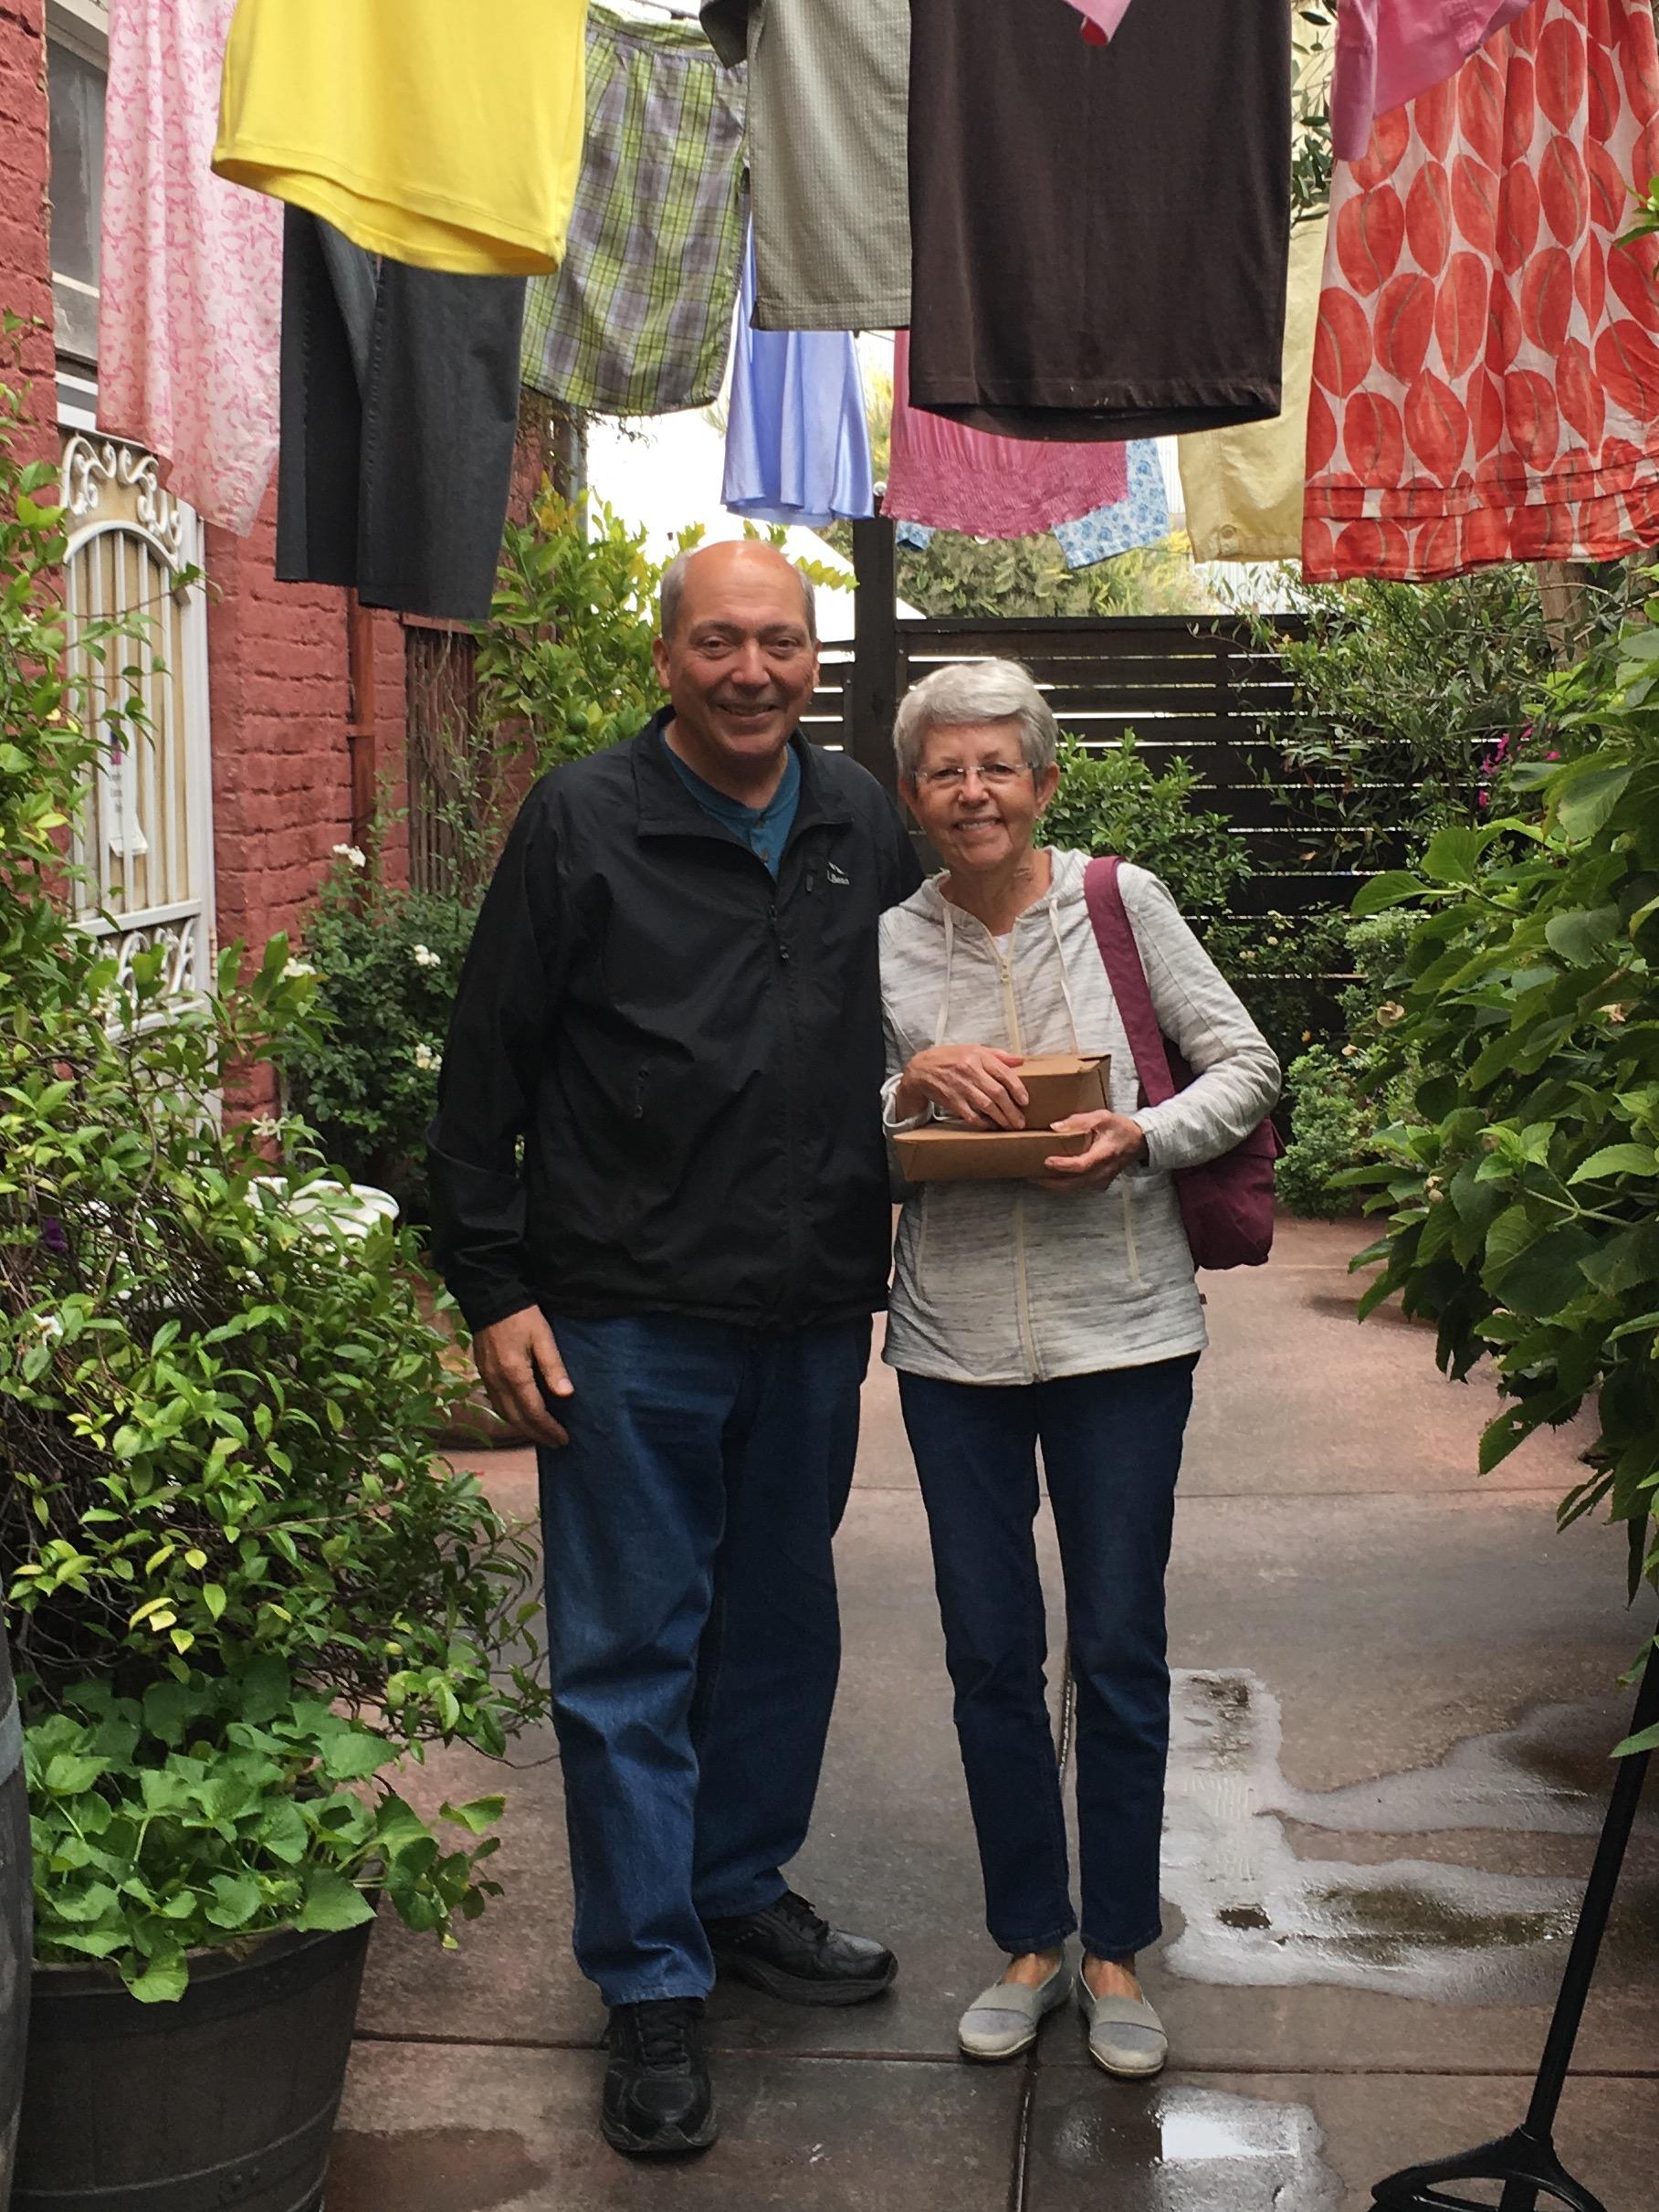 Dennis and Mary Farmer